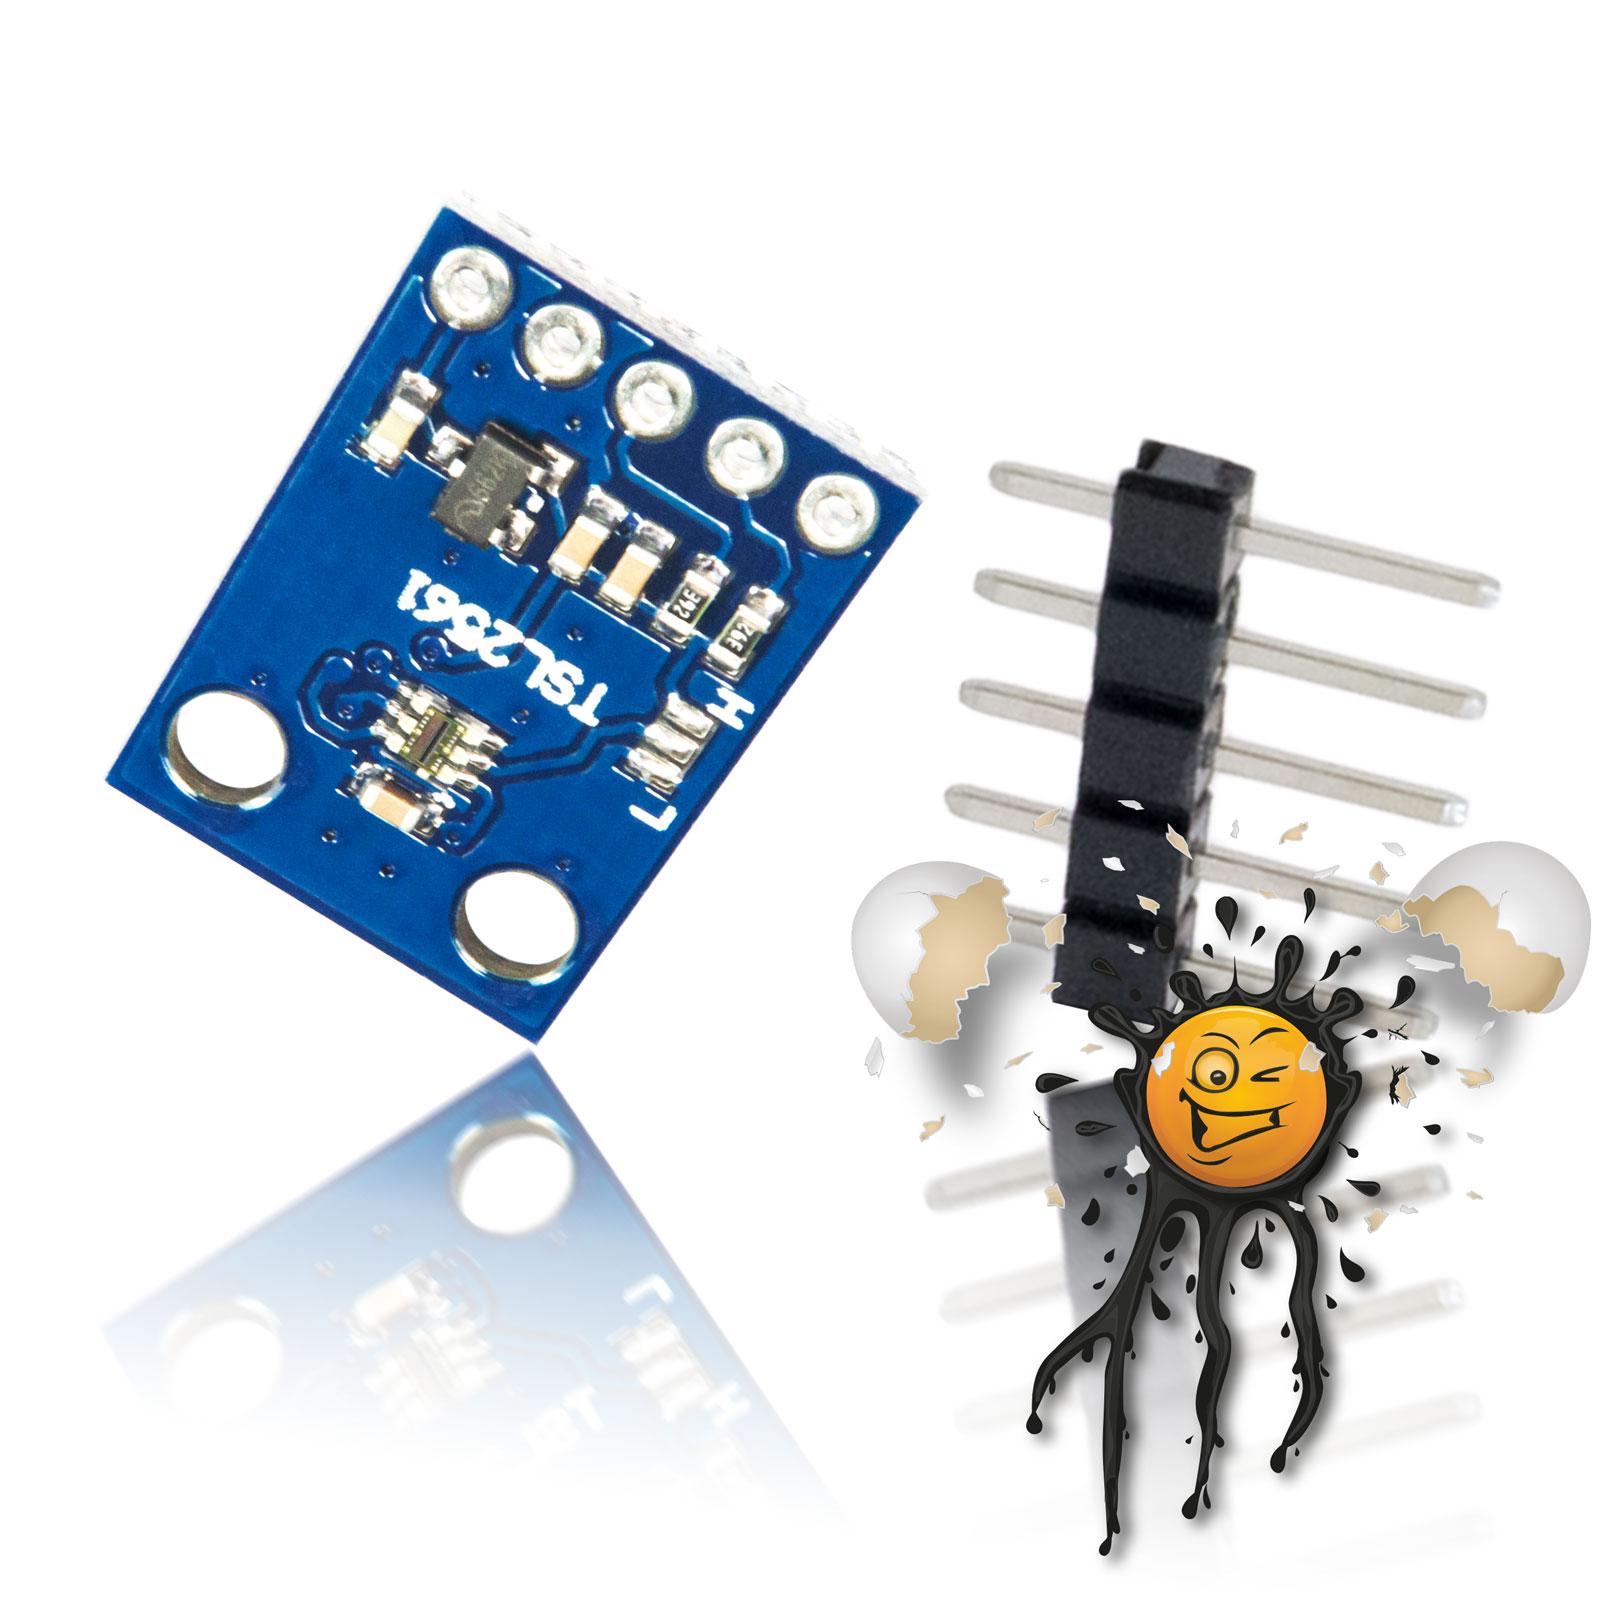 Helligkeitssensor TSL2561 mit Pinleiste